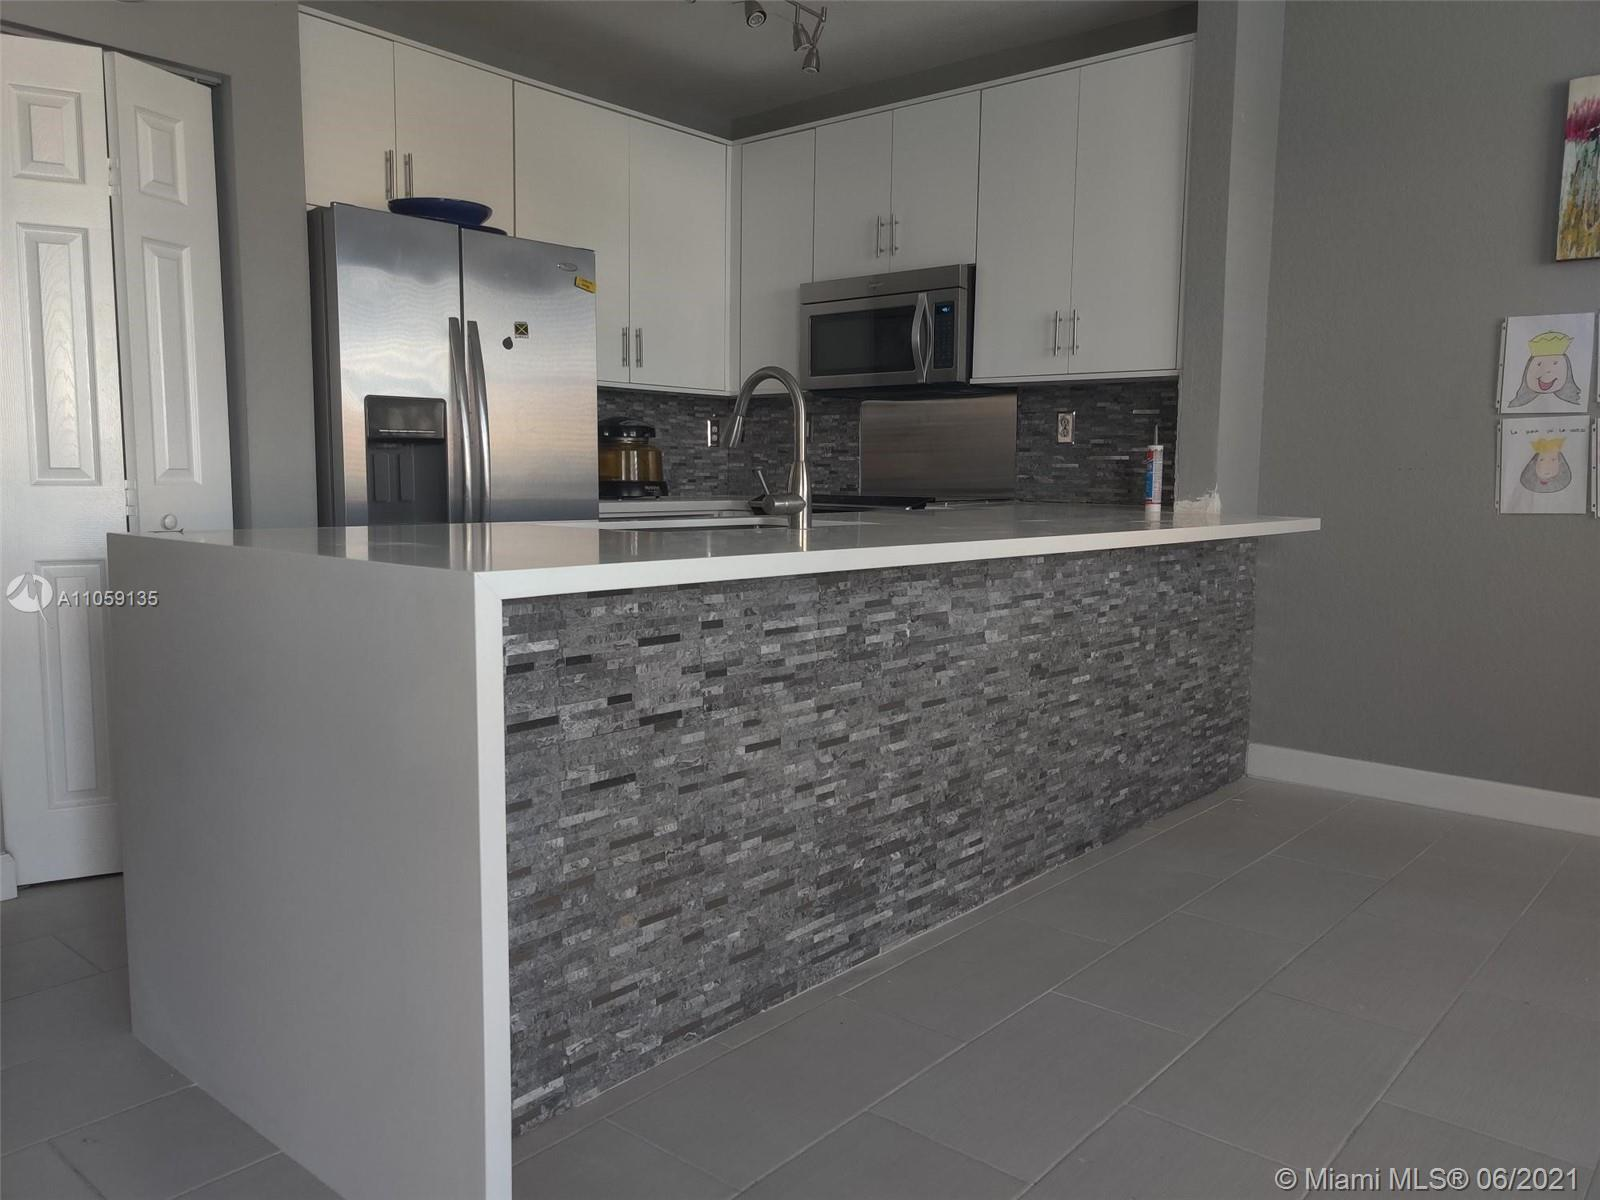 967 Ne 42nd Ave #967 Property Photo 1